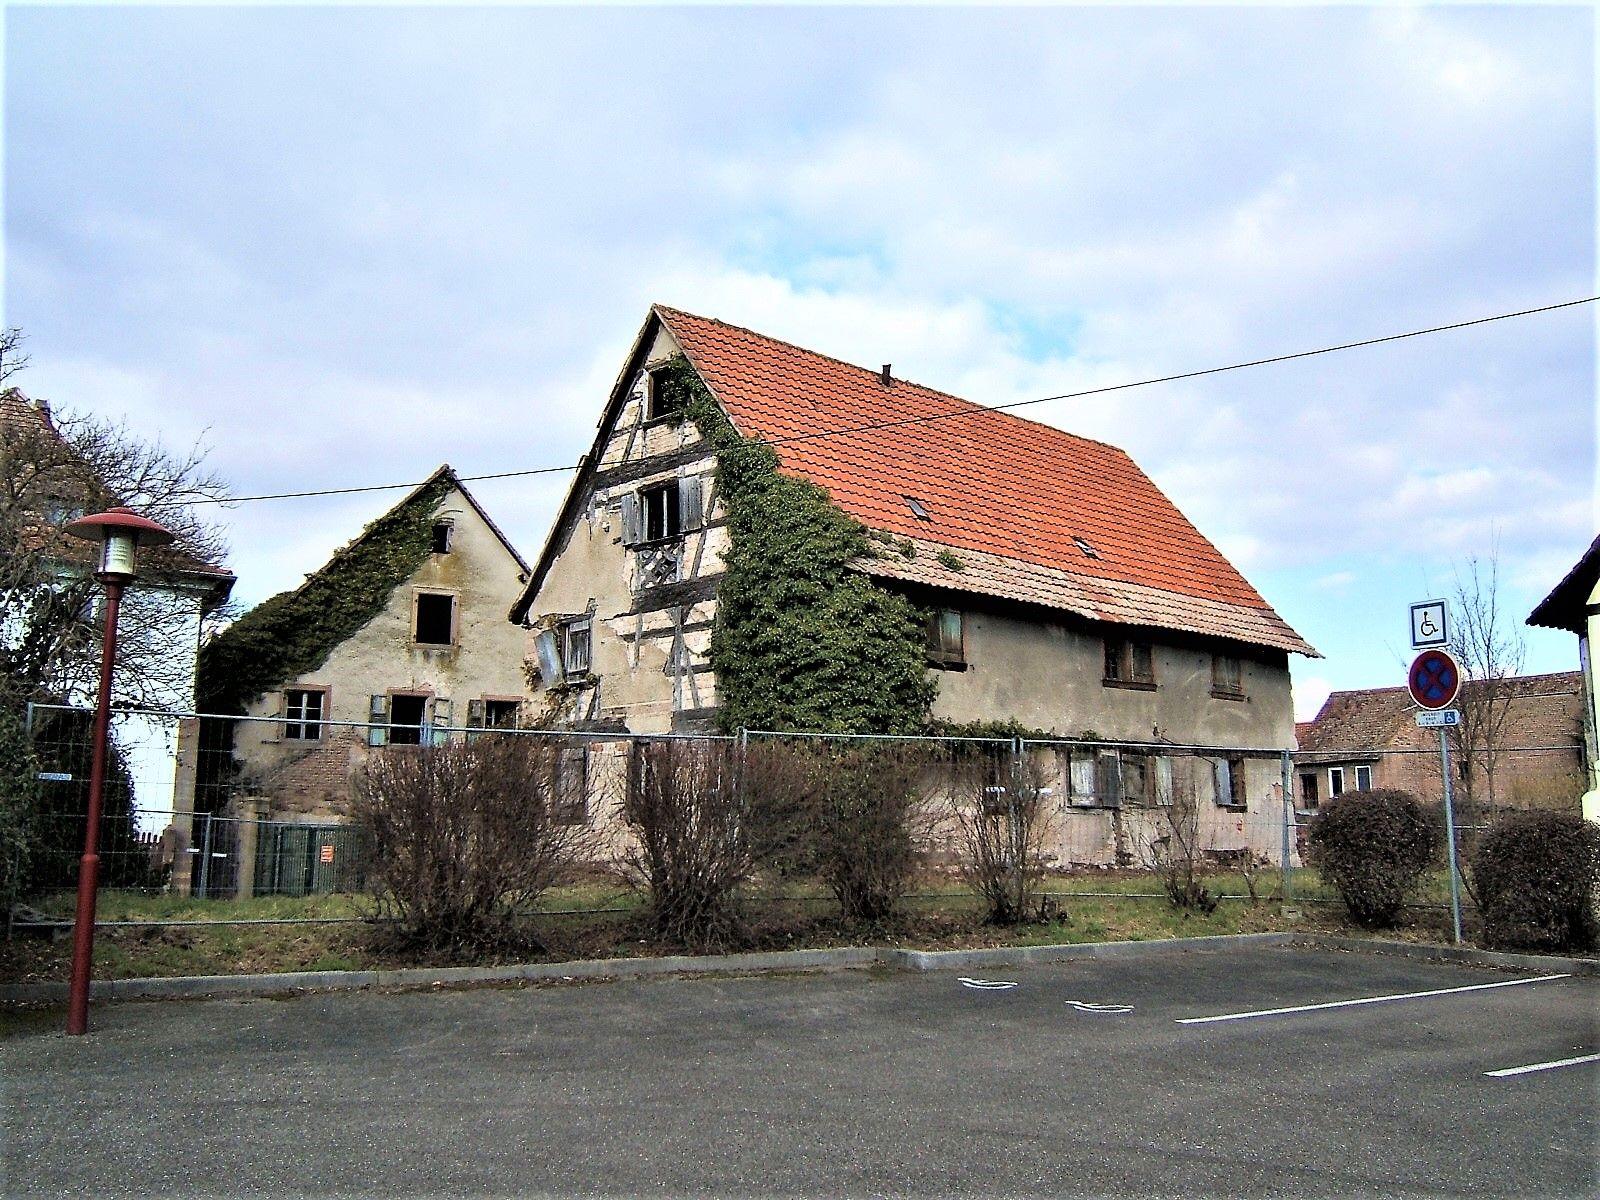 Maison de la Cour Saint-Denis d'Entzheim